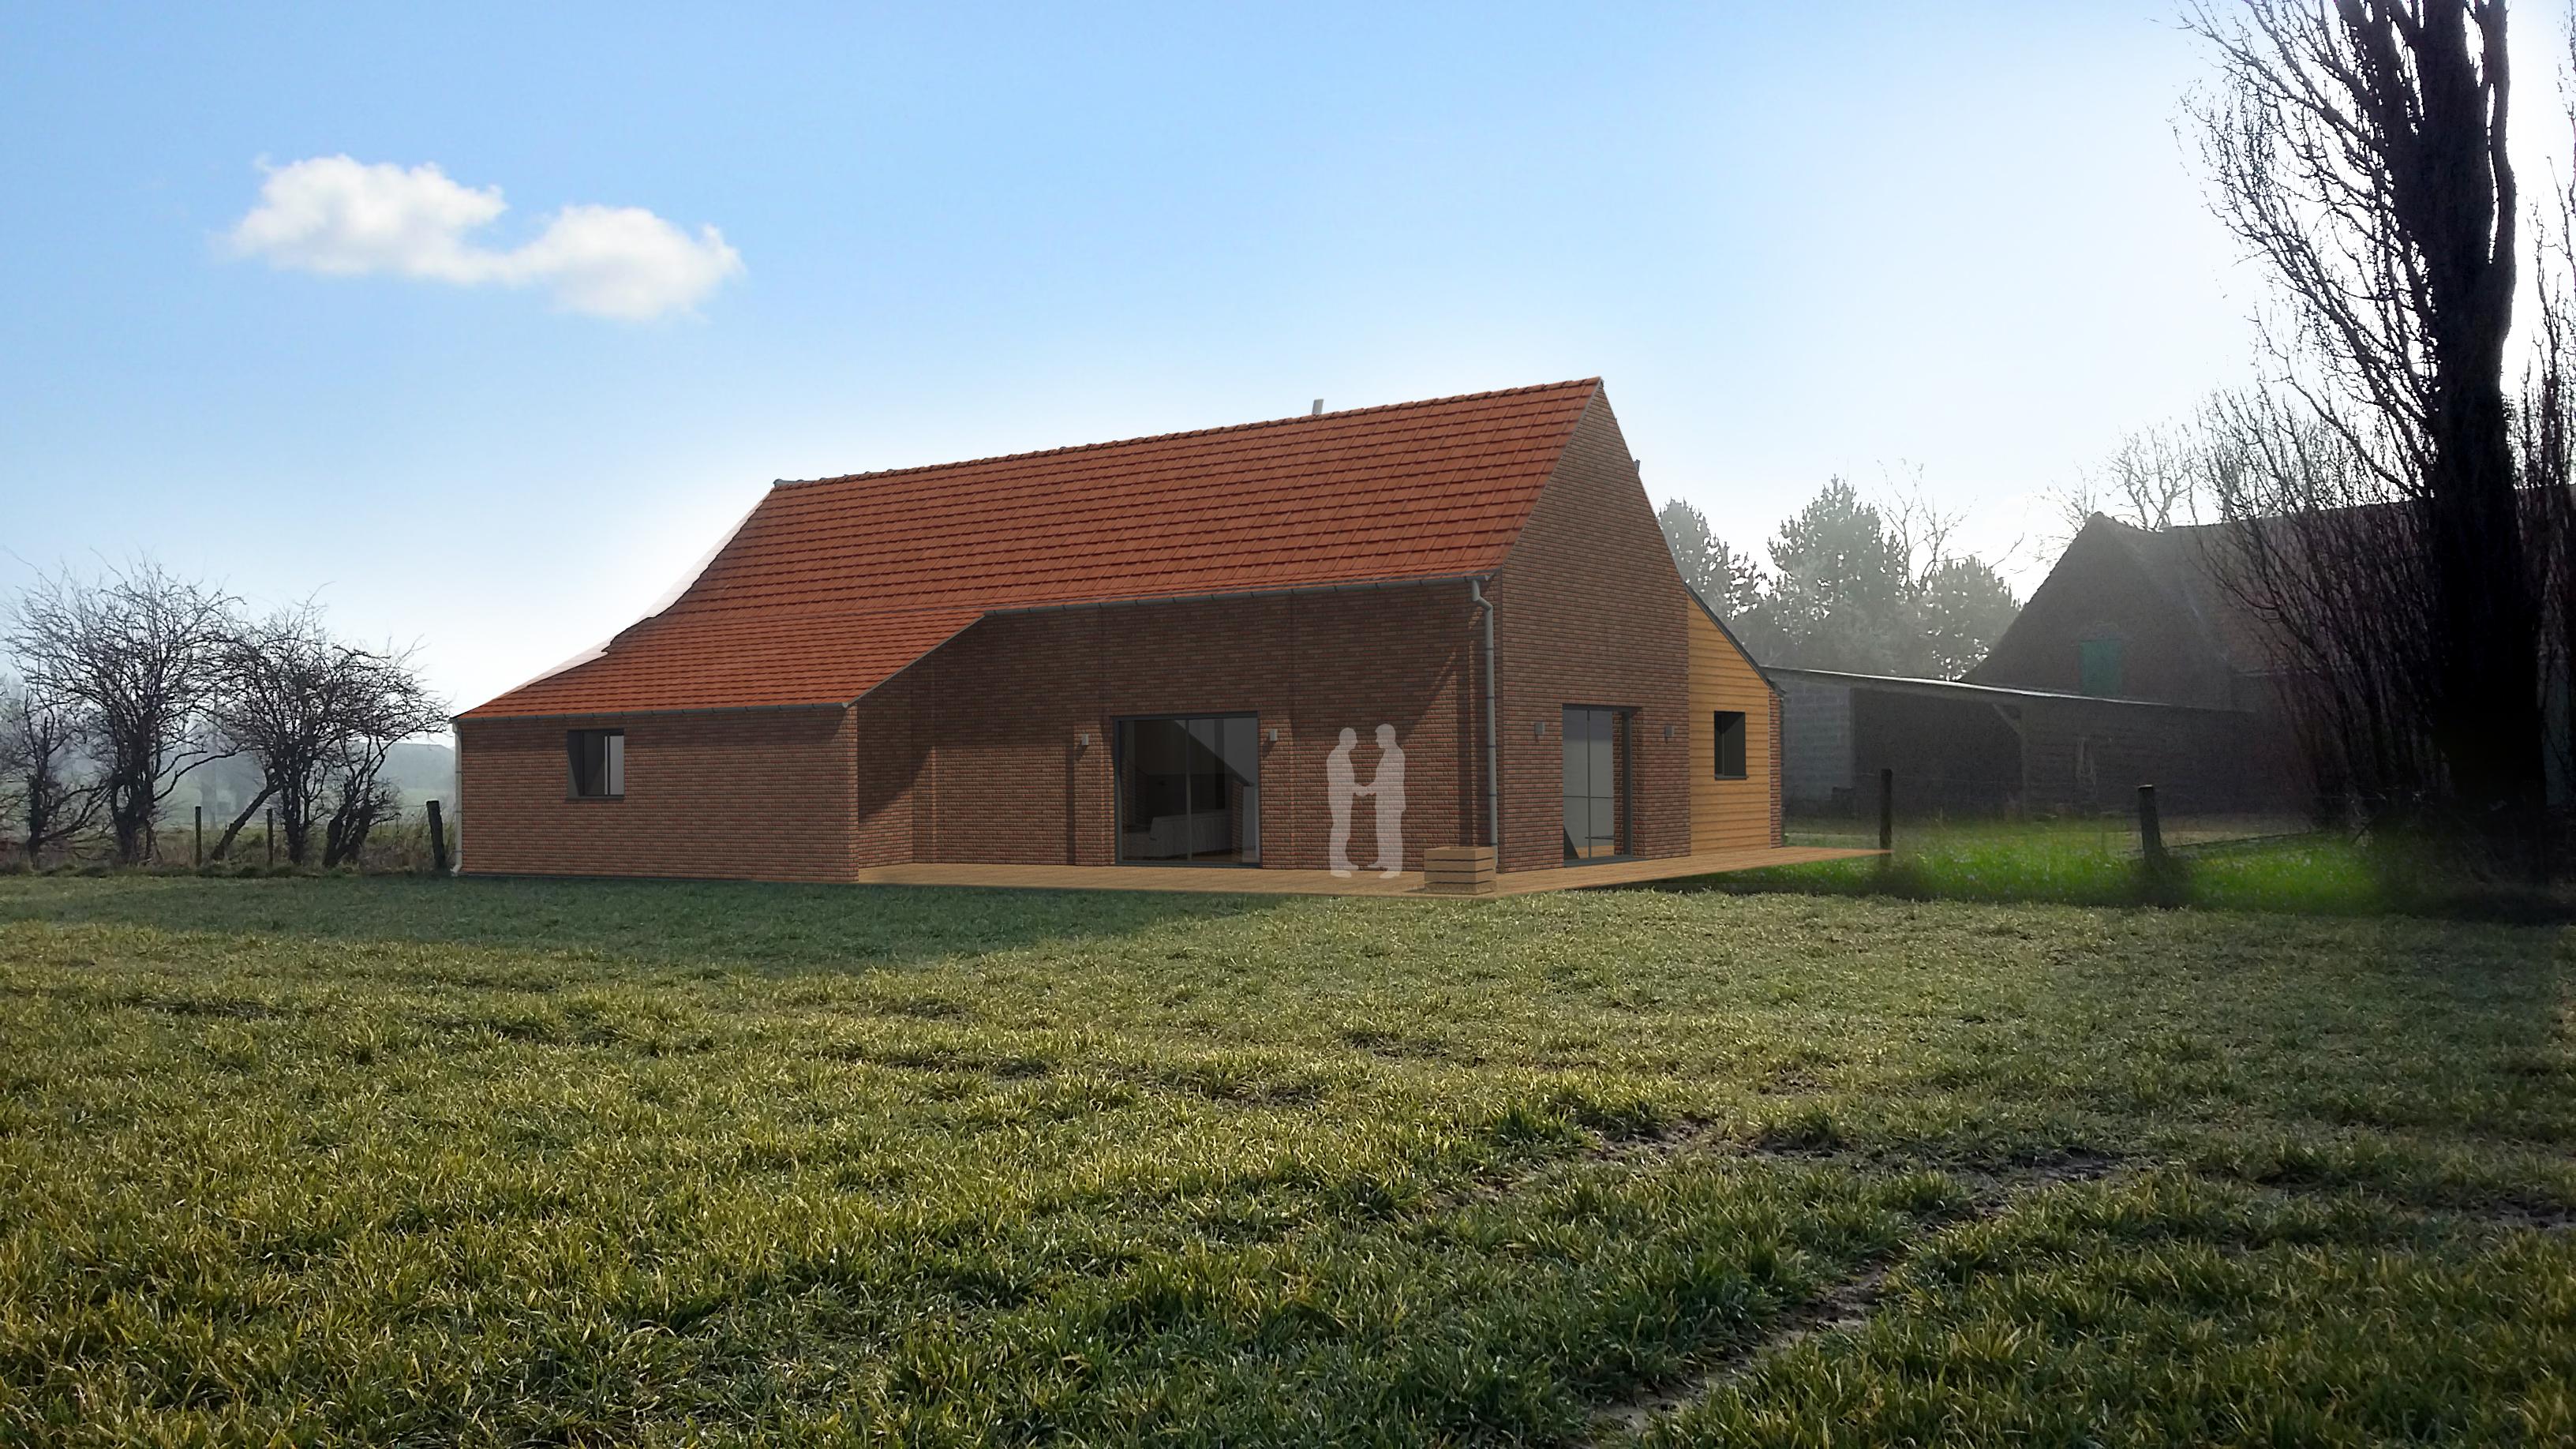 16-08-atelier-permis-de-construire-grange-nord17